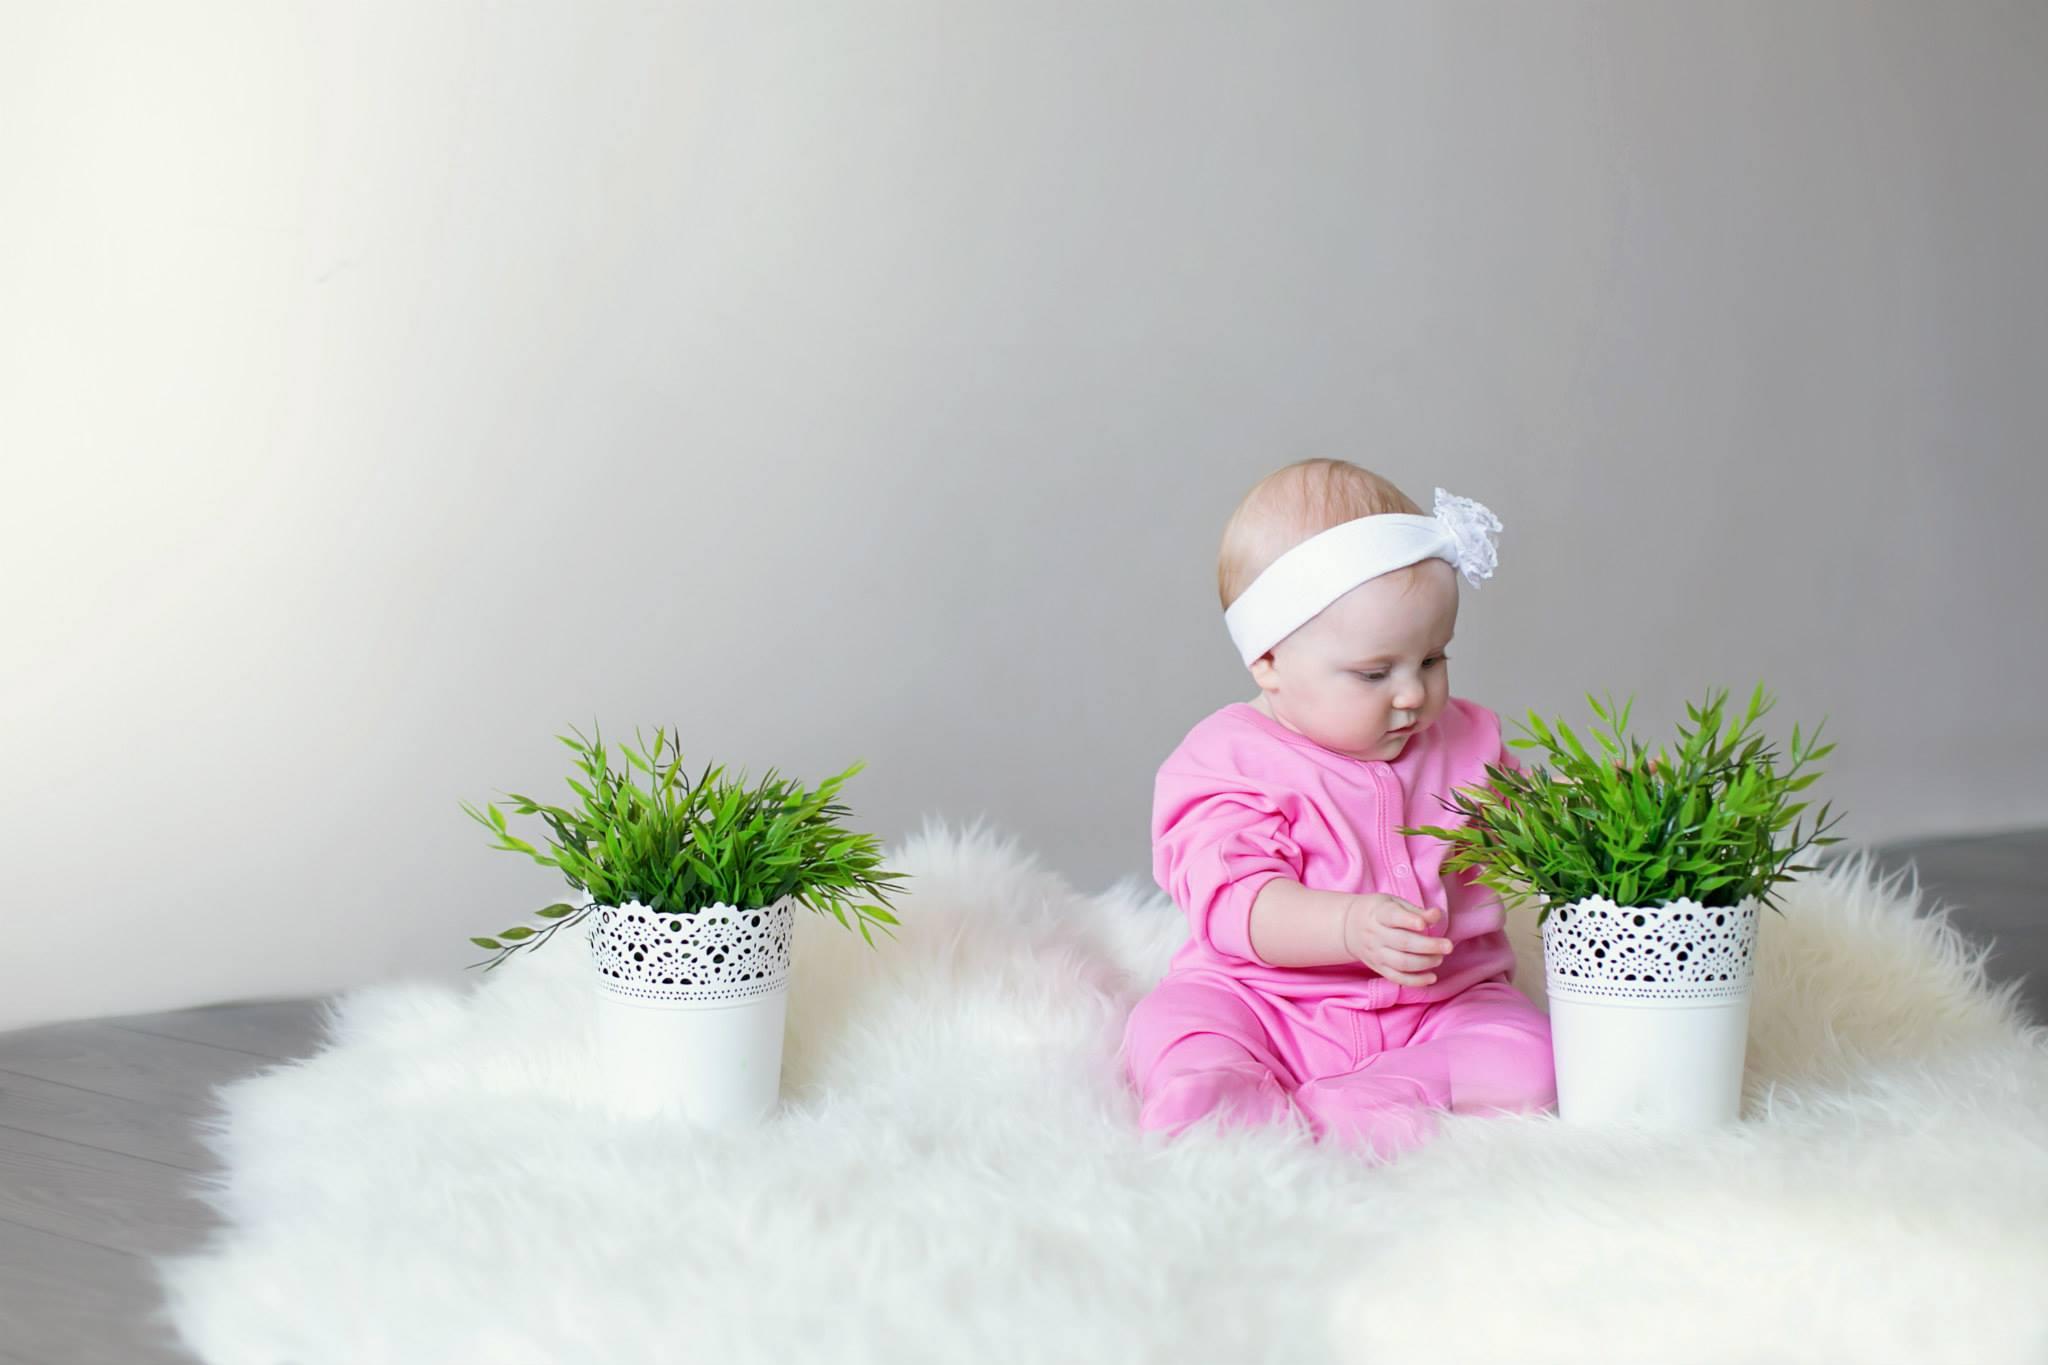 одежда для новорожденных интернет магазин купить